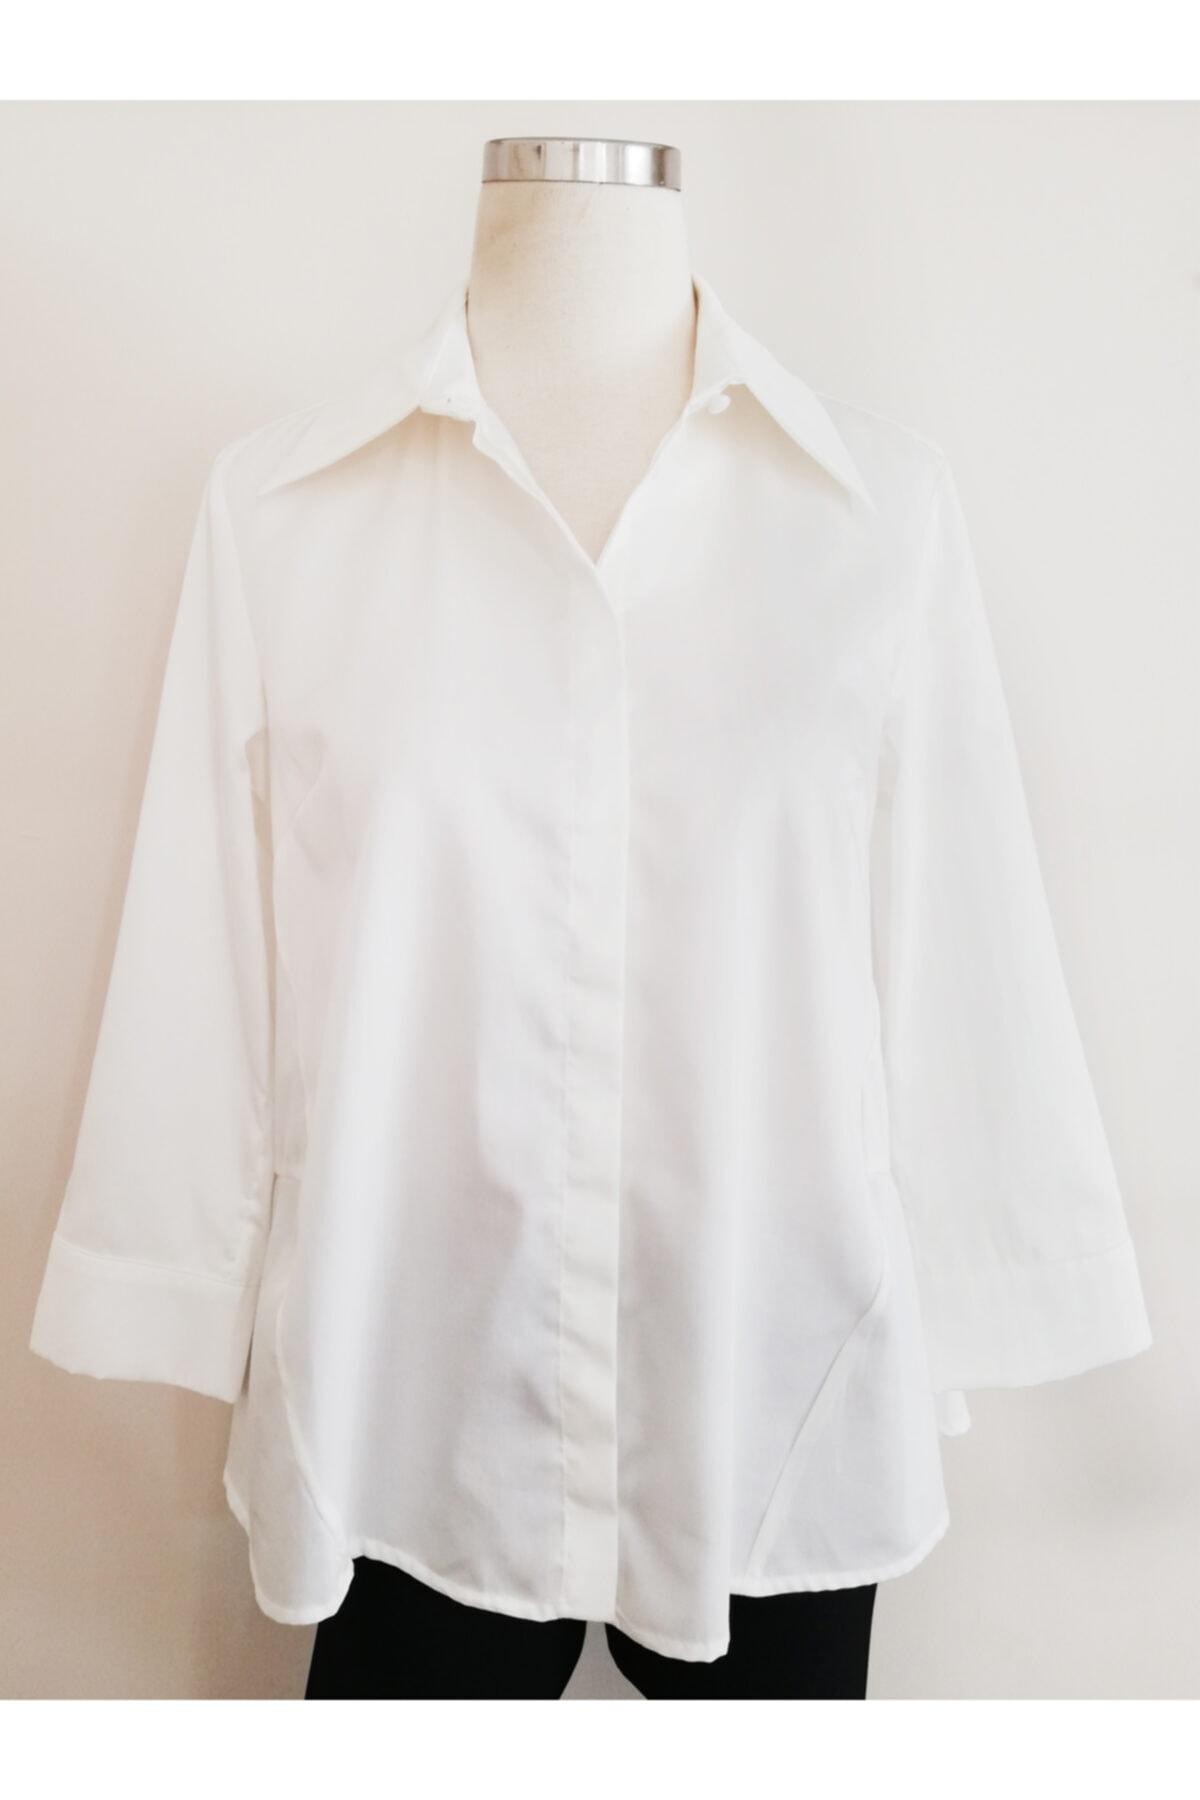 Vekem Kadın Beyaz Pamuk Gömlek 1